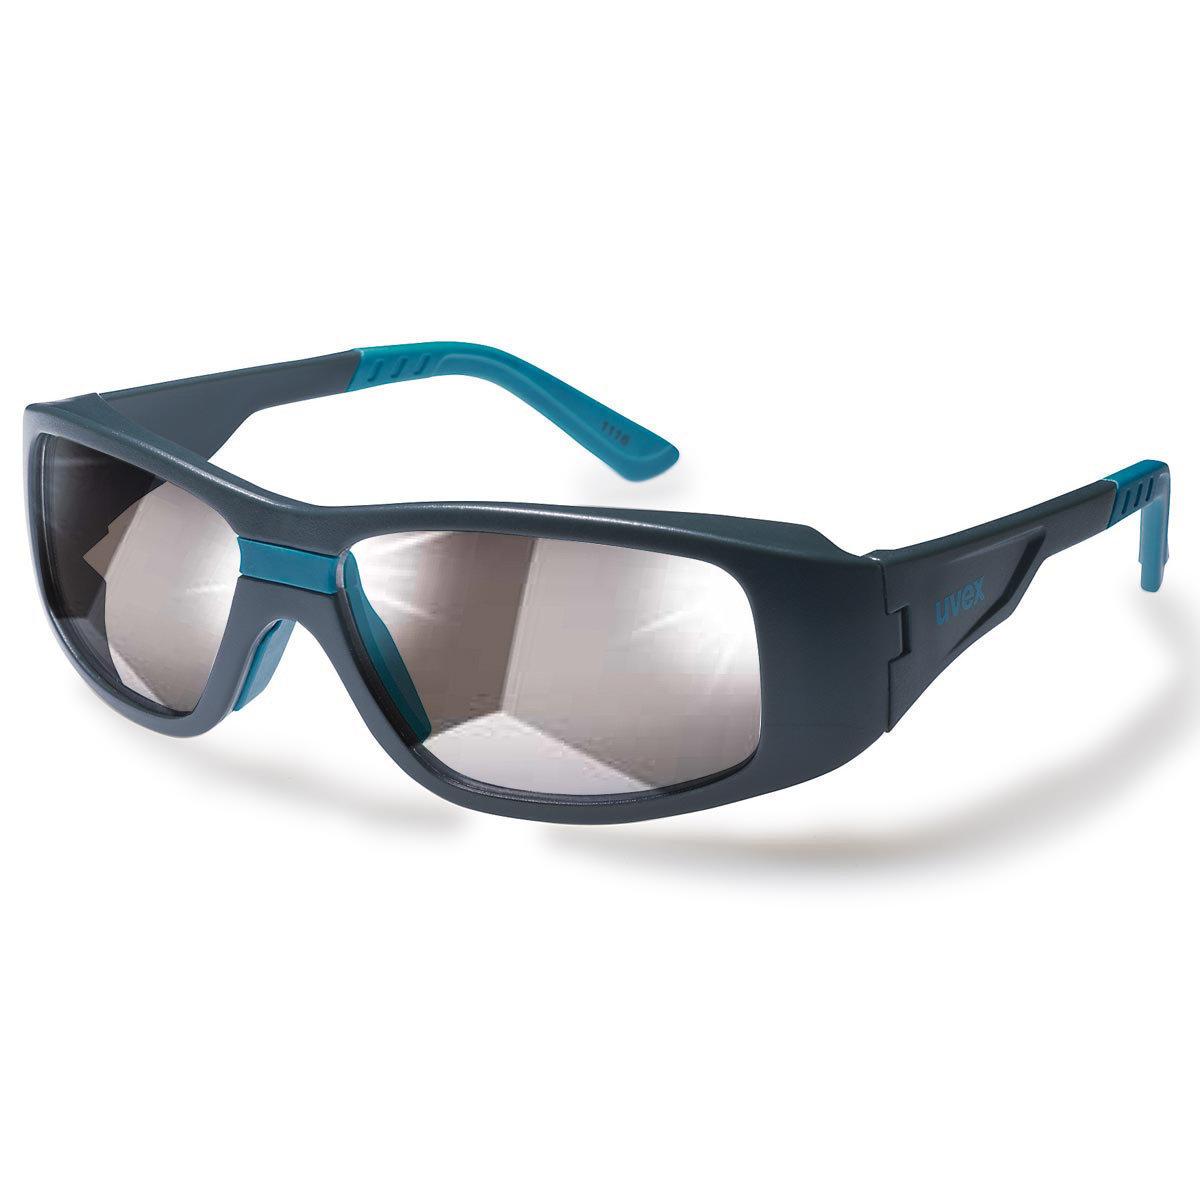 Uvex Korrektionsschutzbrille RX sp 5519 - Selbsttönend